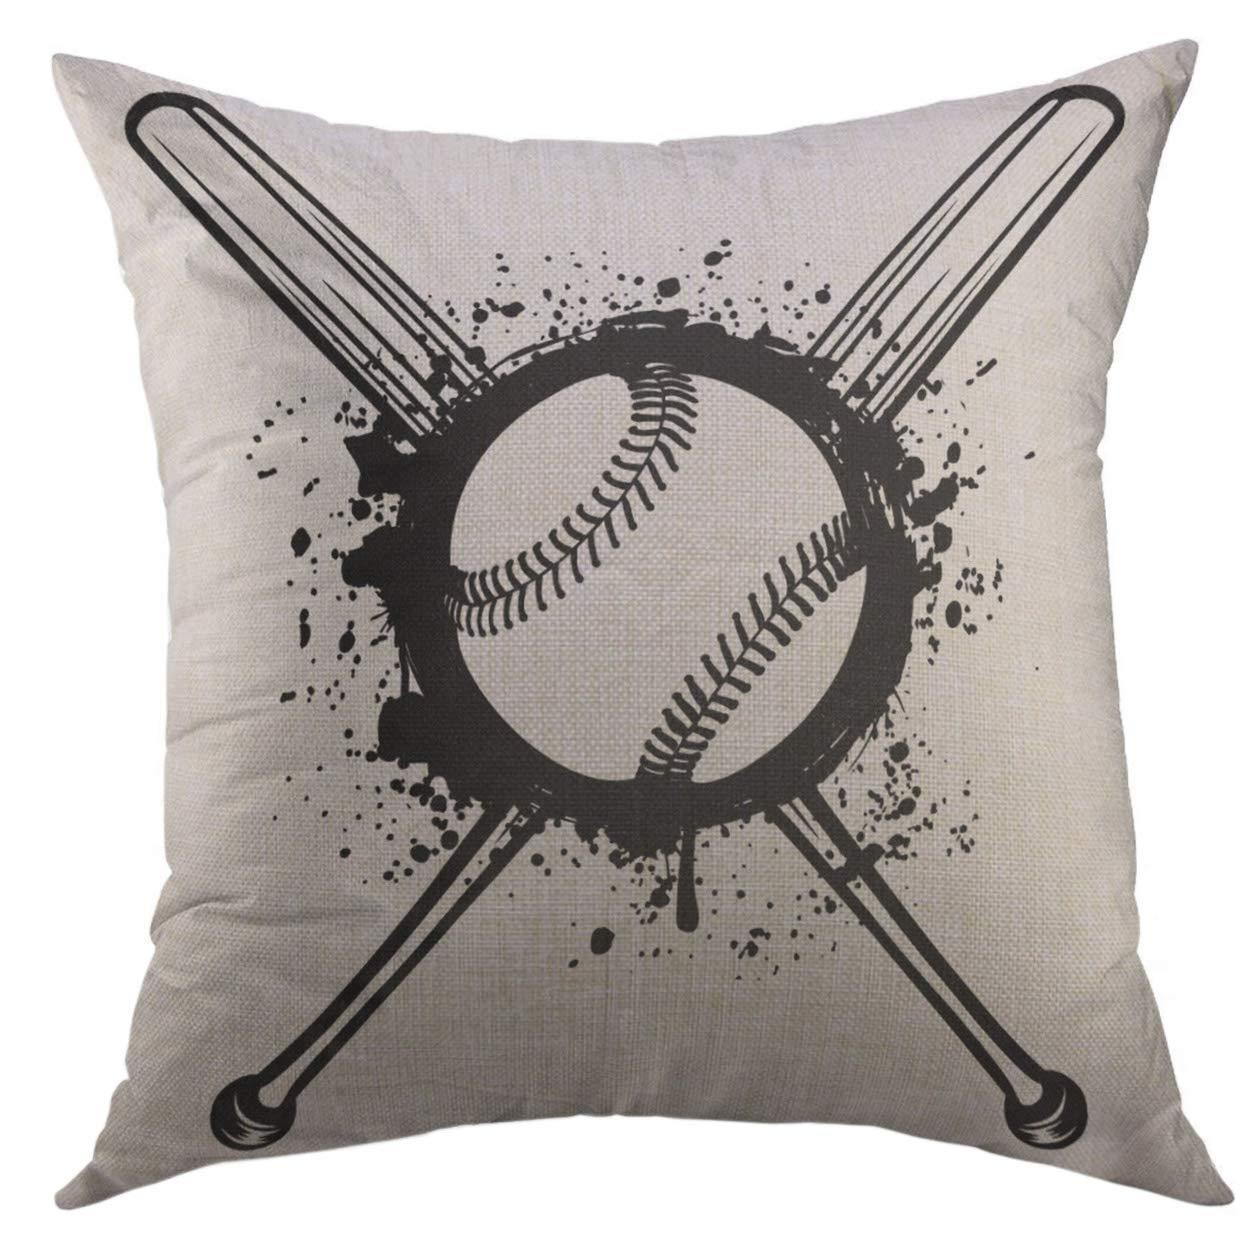 Amazon.com: Mugod Funda de almohada softball cruzado bates ...